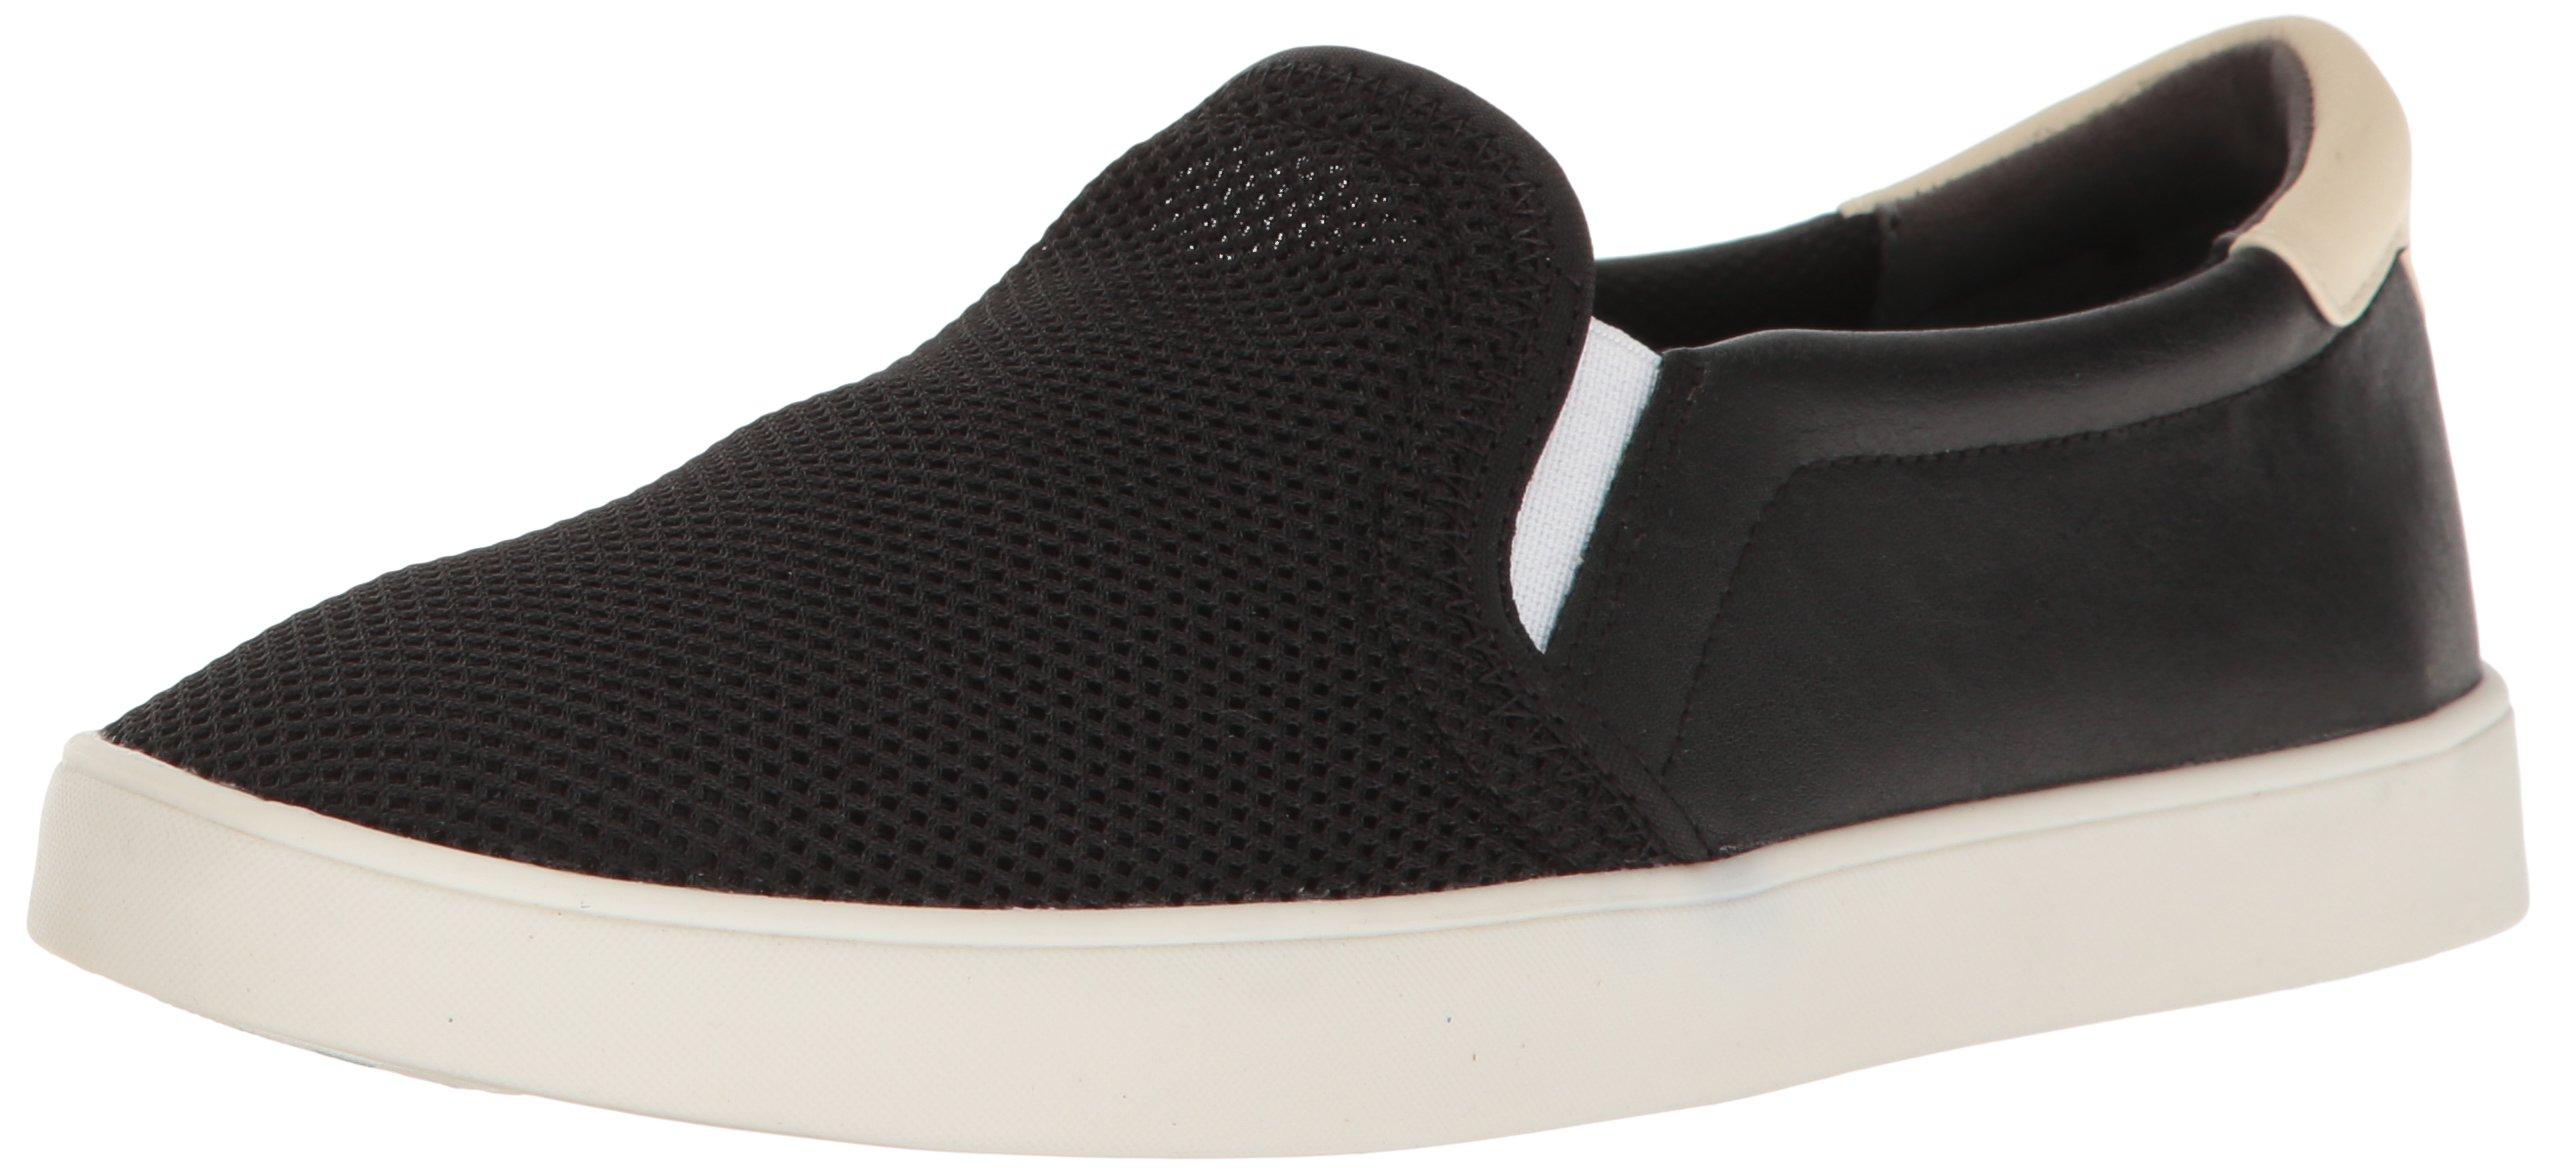 Dr. Scholl's Shoes Women's Madison Fashion Sneaker, Black Luna Knit, 7.5 M US